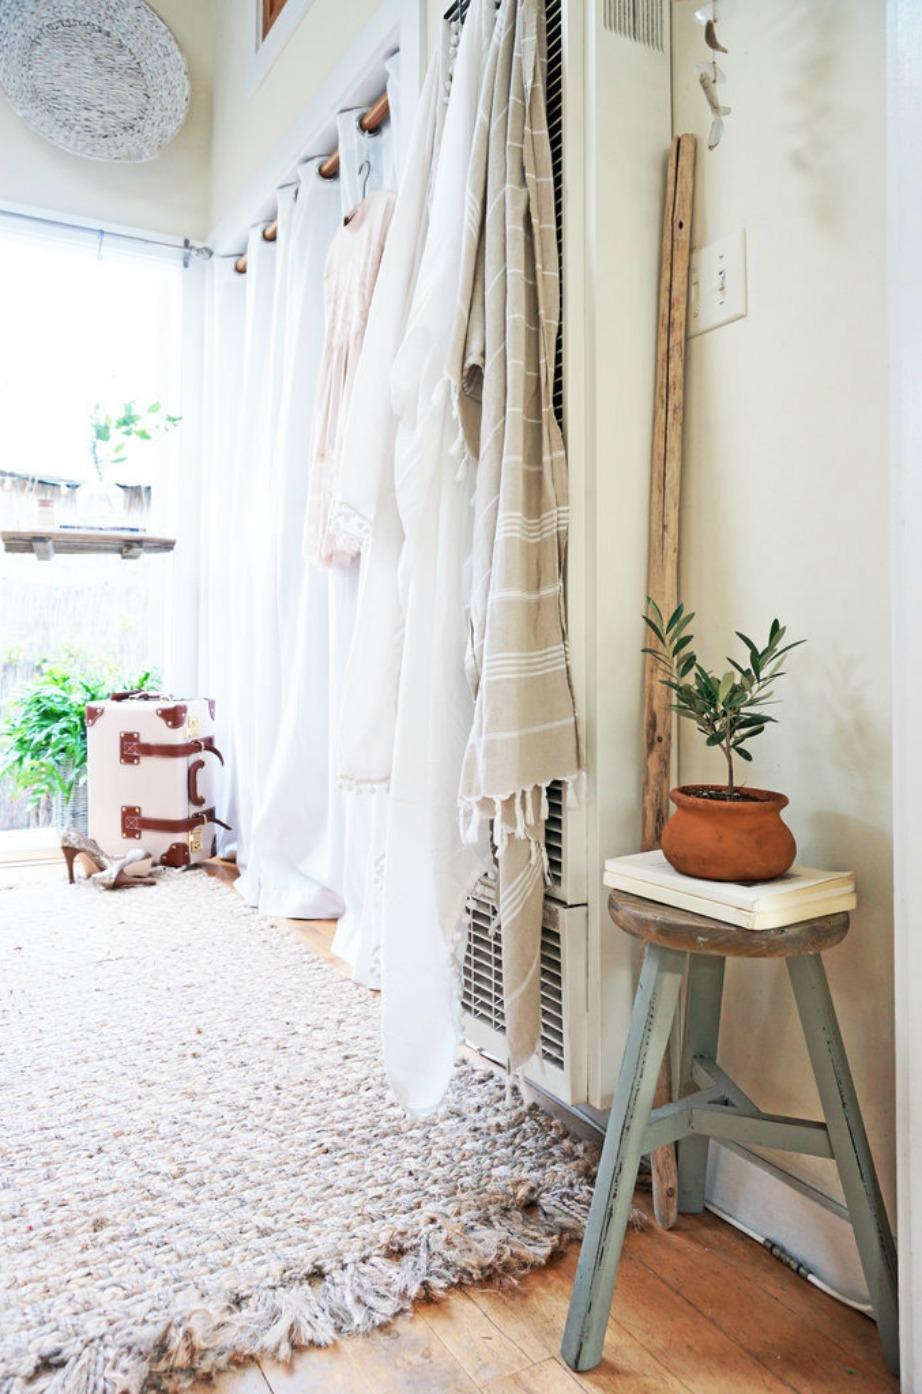 Το λευκό χρώμα στους τοίχους μεγαλώνει τον χώρο αλλά θα μπορούσε να χρησιμοποιηθεί επίσης και μια παλ απόχρωση.